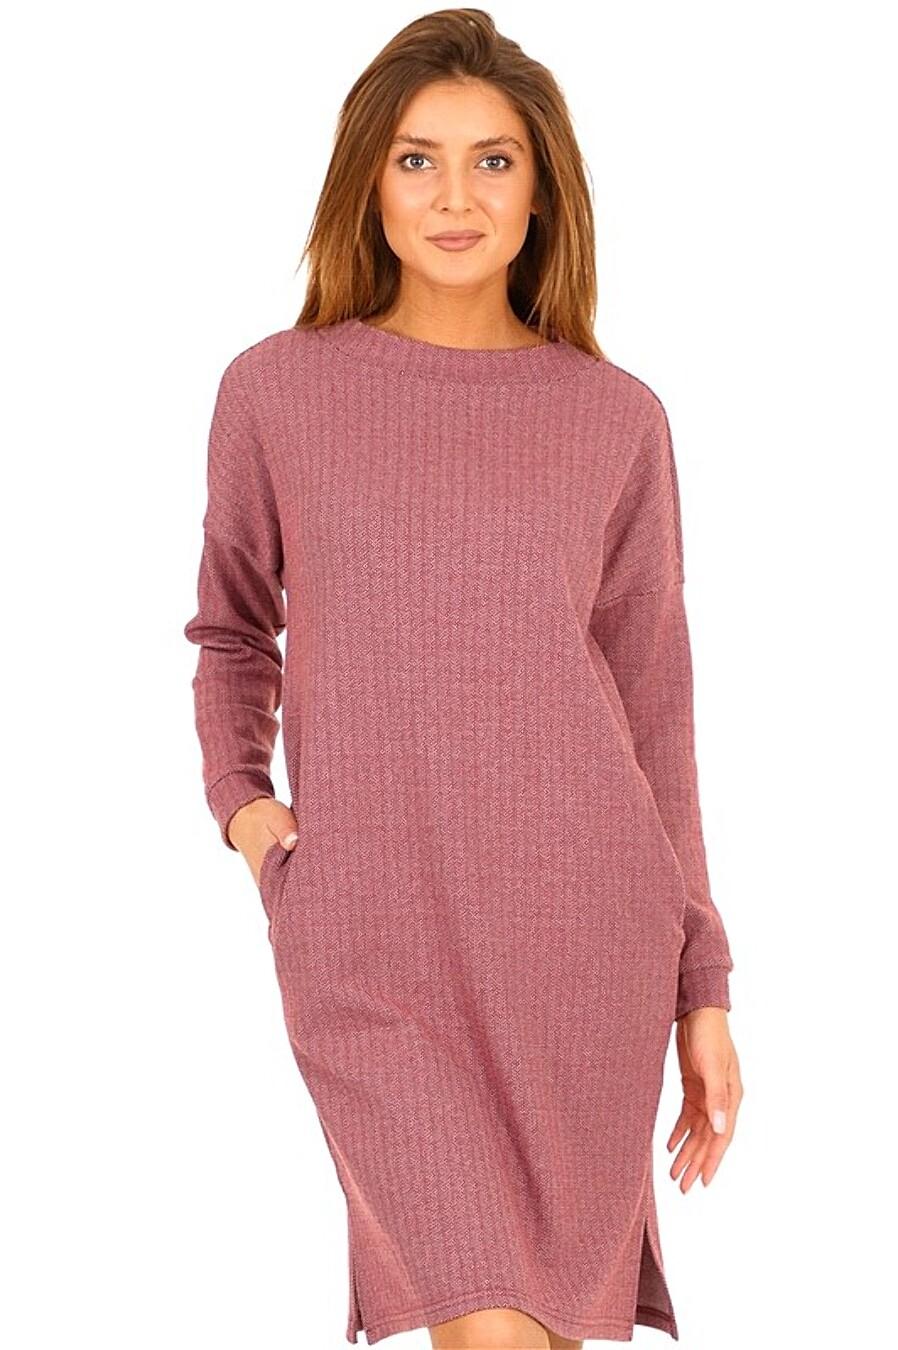 Платье для женщин Archi 158738 купить оптом от производителя. Совместная покупка женской одежды в OptMoyo